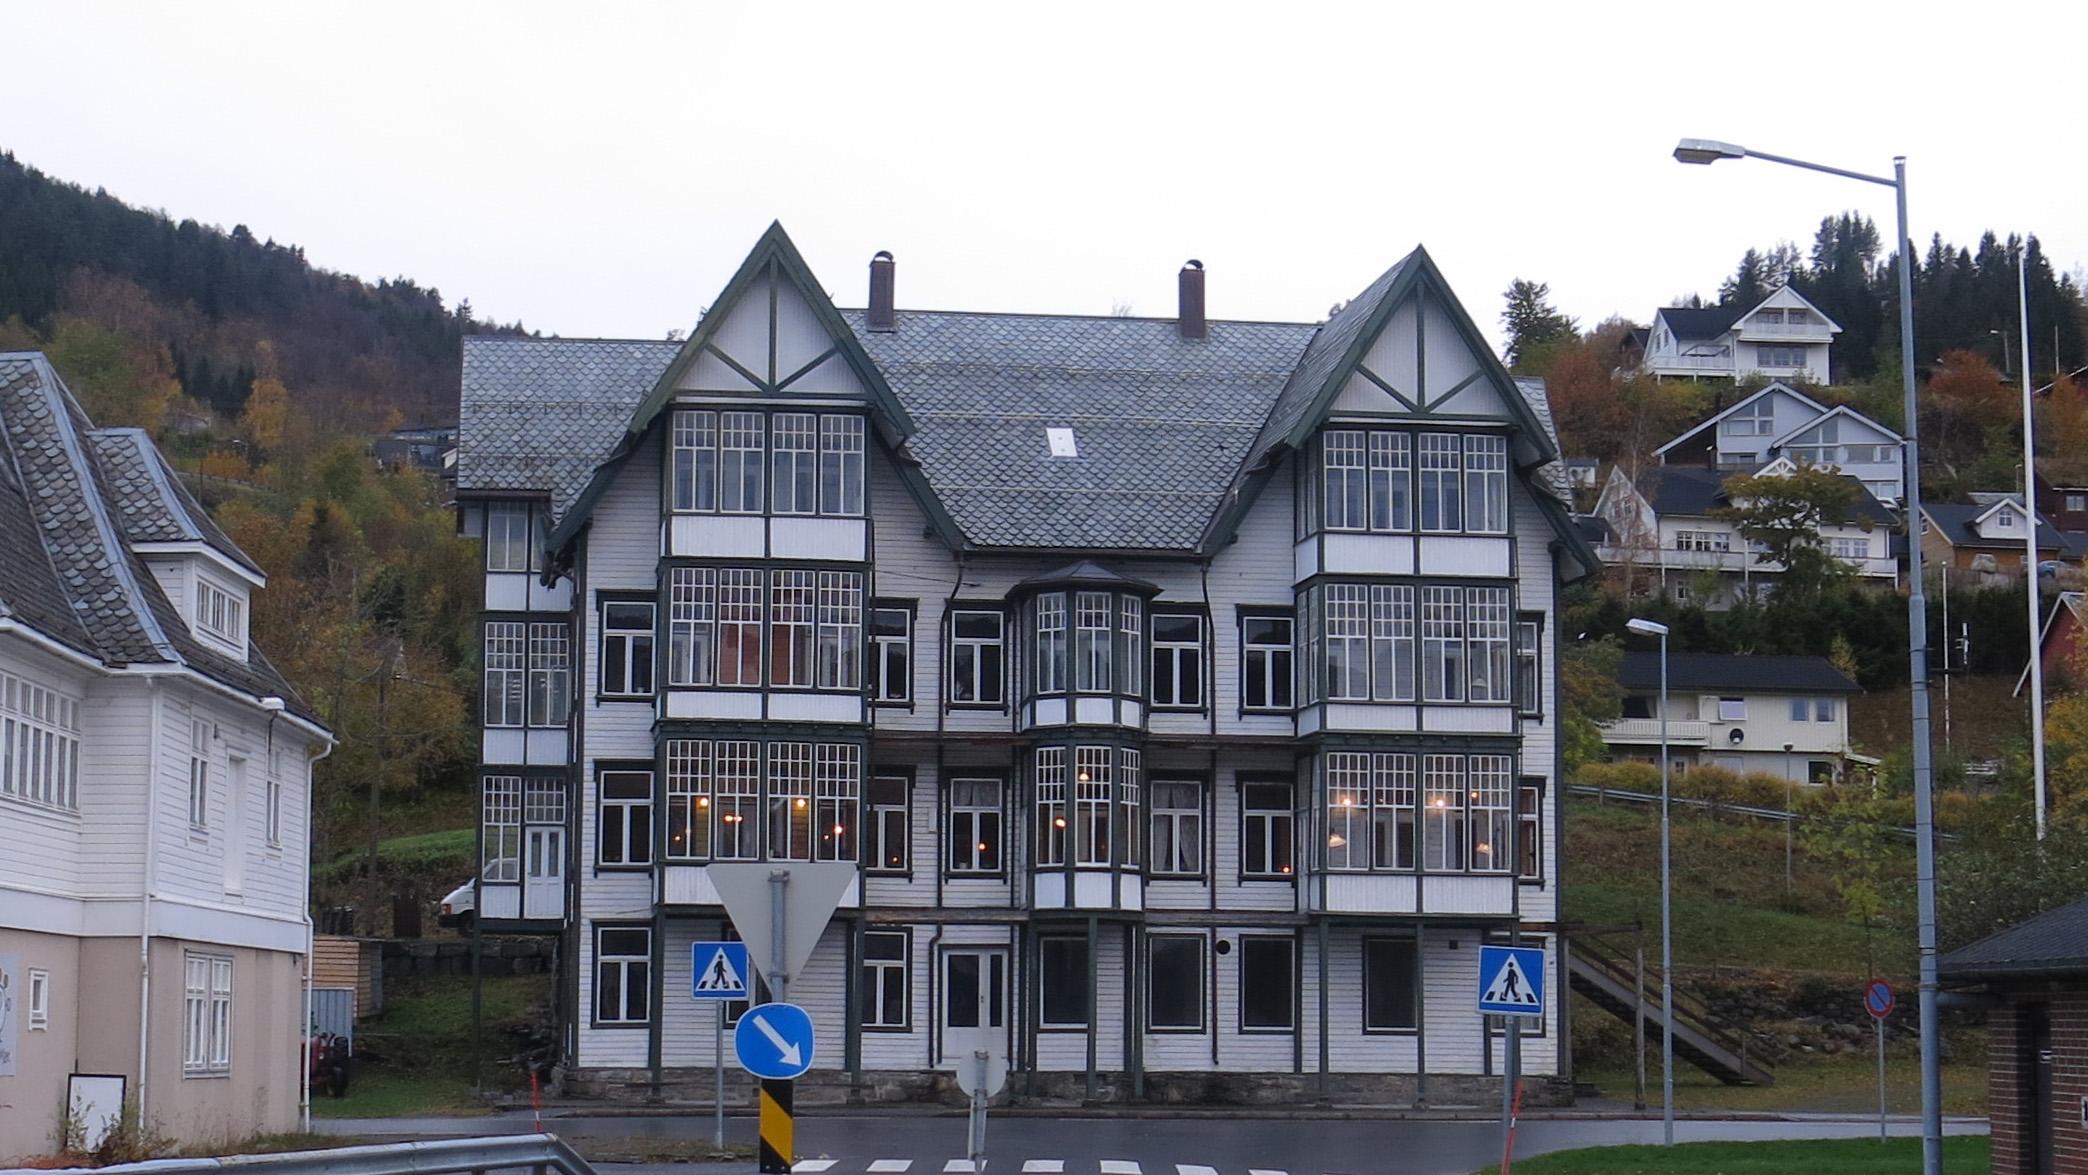 Bilde av Sjøholt Hotell. Eit markant blikkfang er det gamle hotellet der det ligg rett ved hovedvegen. Foto: Jorun Elisabet Aresvik Hals Riksantikvaren.